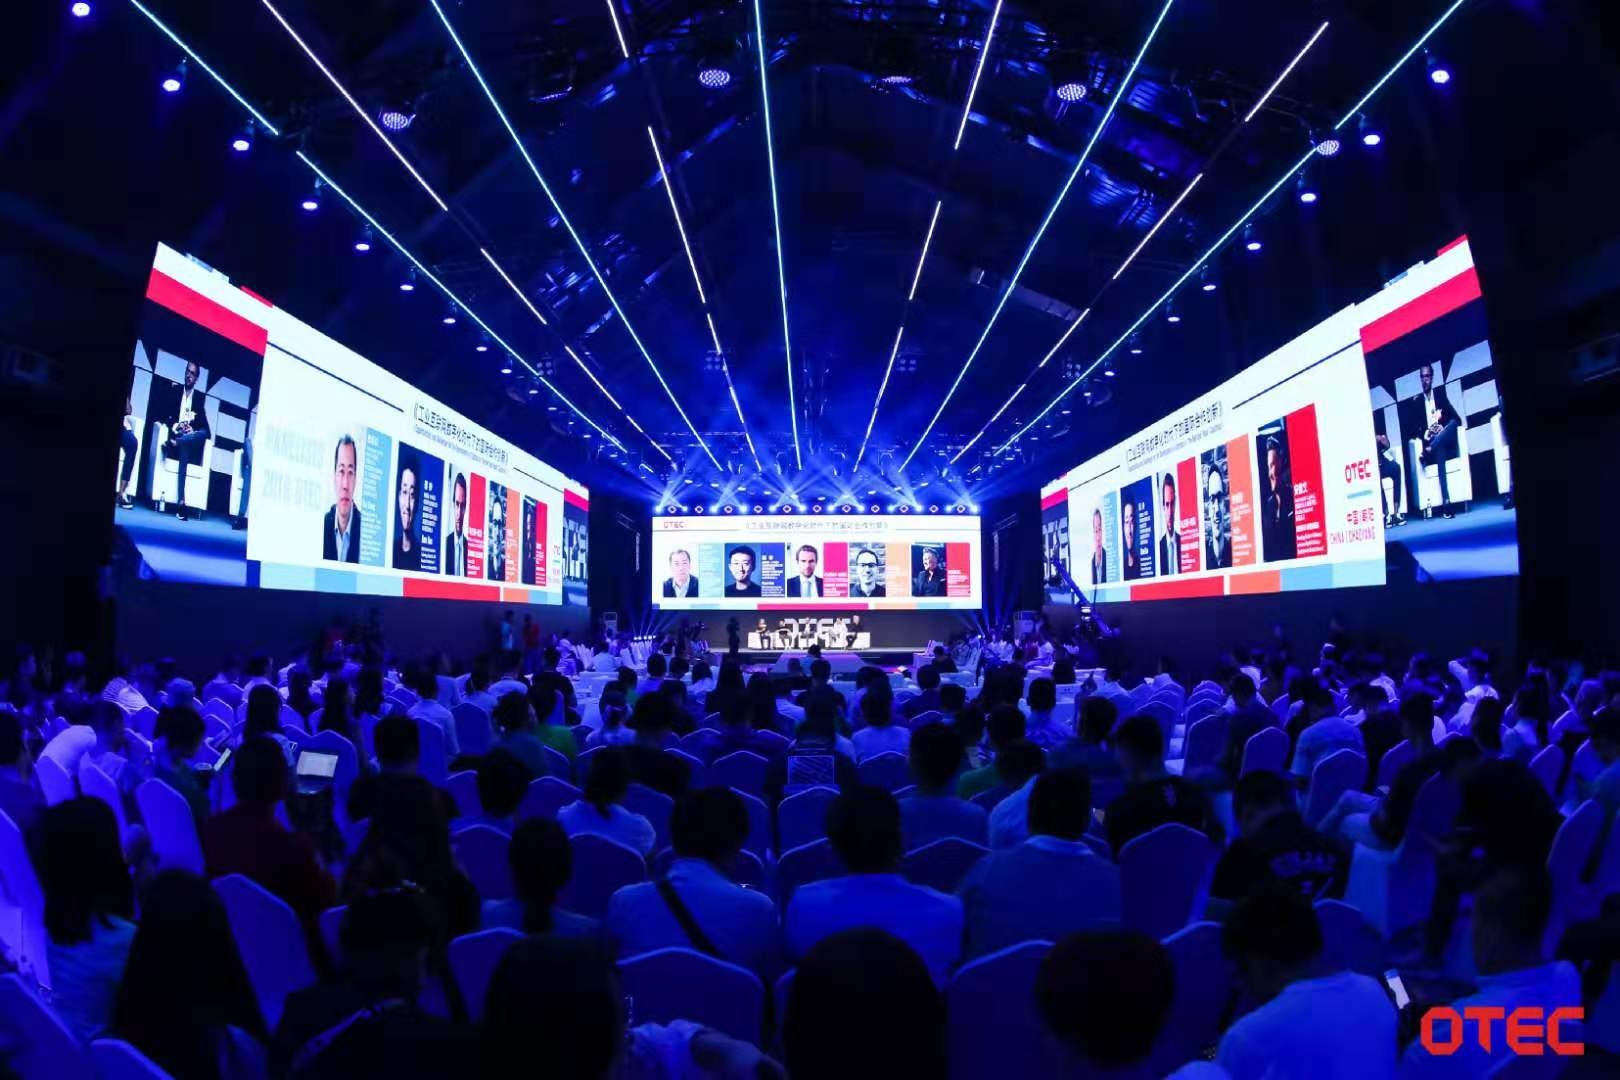 2019海外人才创业大会(OTEC)在京开幕